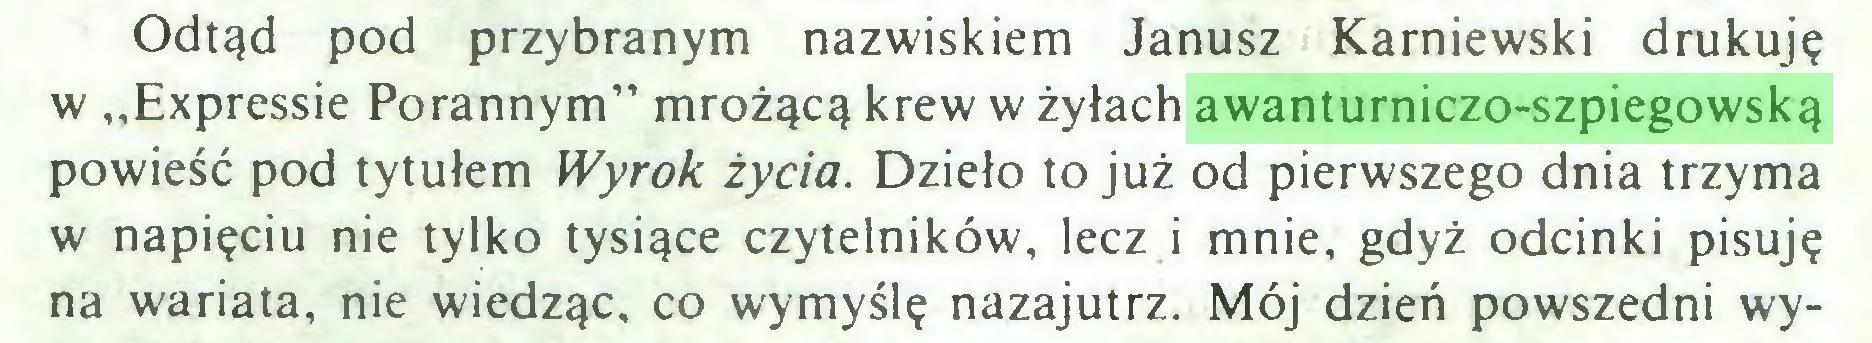 """(...) Odtąd pod przybranym nazwiskiem Janusz Karniewski drukuję w ,,Expressie Porannym"""" mrożącą krew w żyłach awanturniczo-szpiegowską powieść pod tytułem Wyrok życia. Dzieło to już od pierwszego dnia trzyma w napięciu nie tylko tysiące czytelników, lecz i mnie, gdyż odcinki pisuję na wariata, nie wiedząc, co wymyślę nazajutrz. Mój dzień powszedni wy..."""